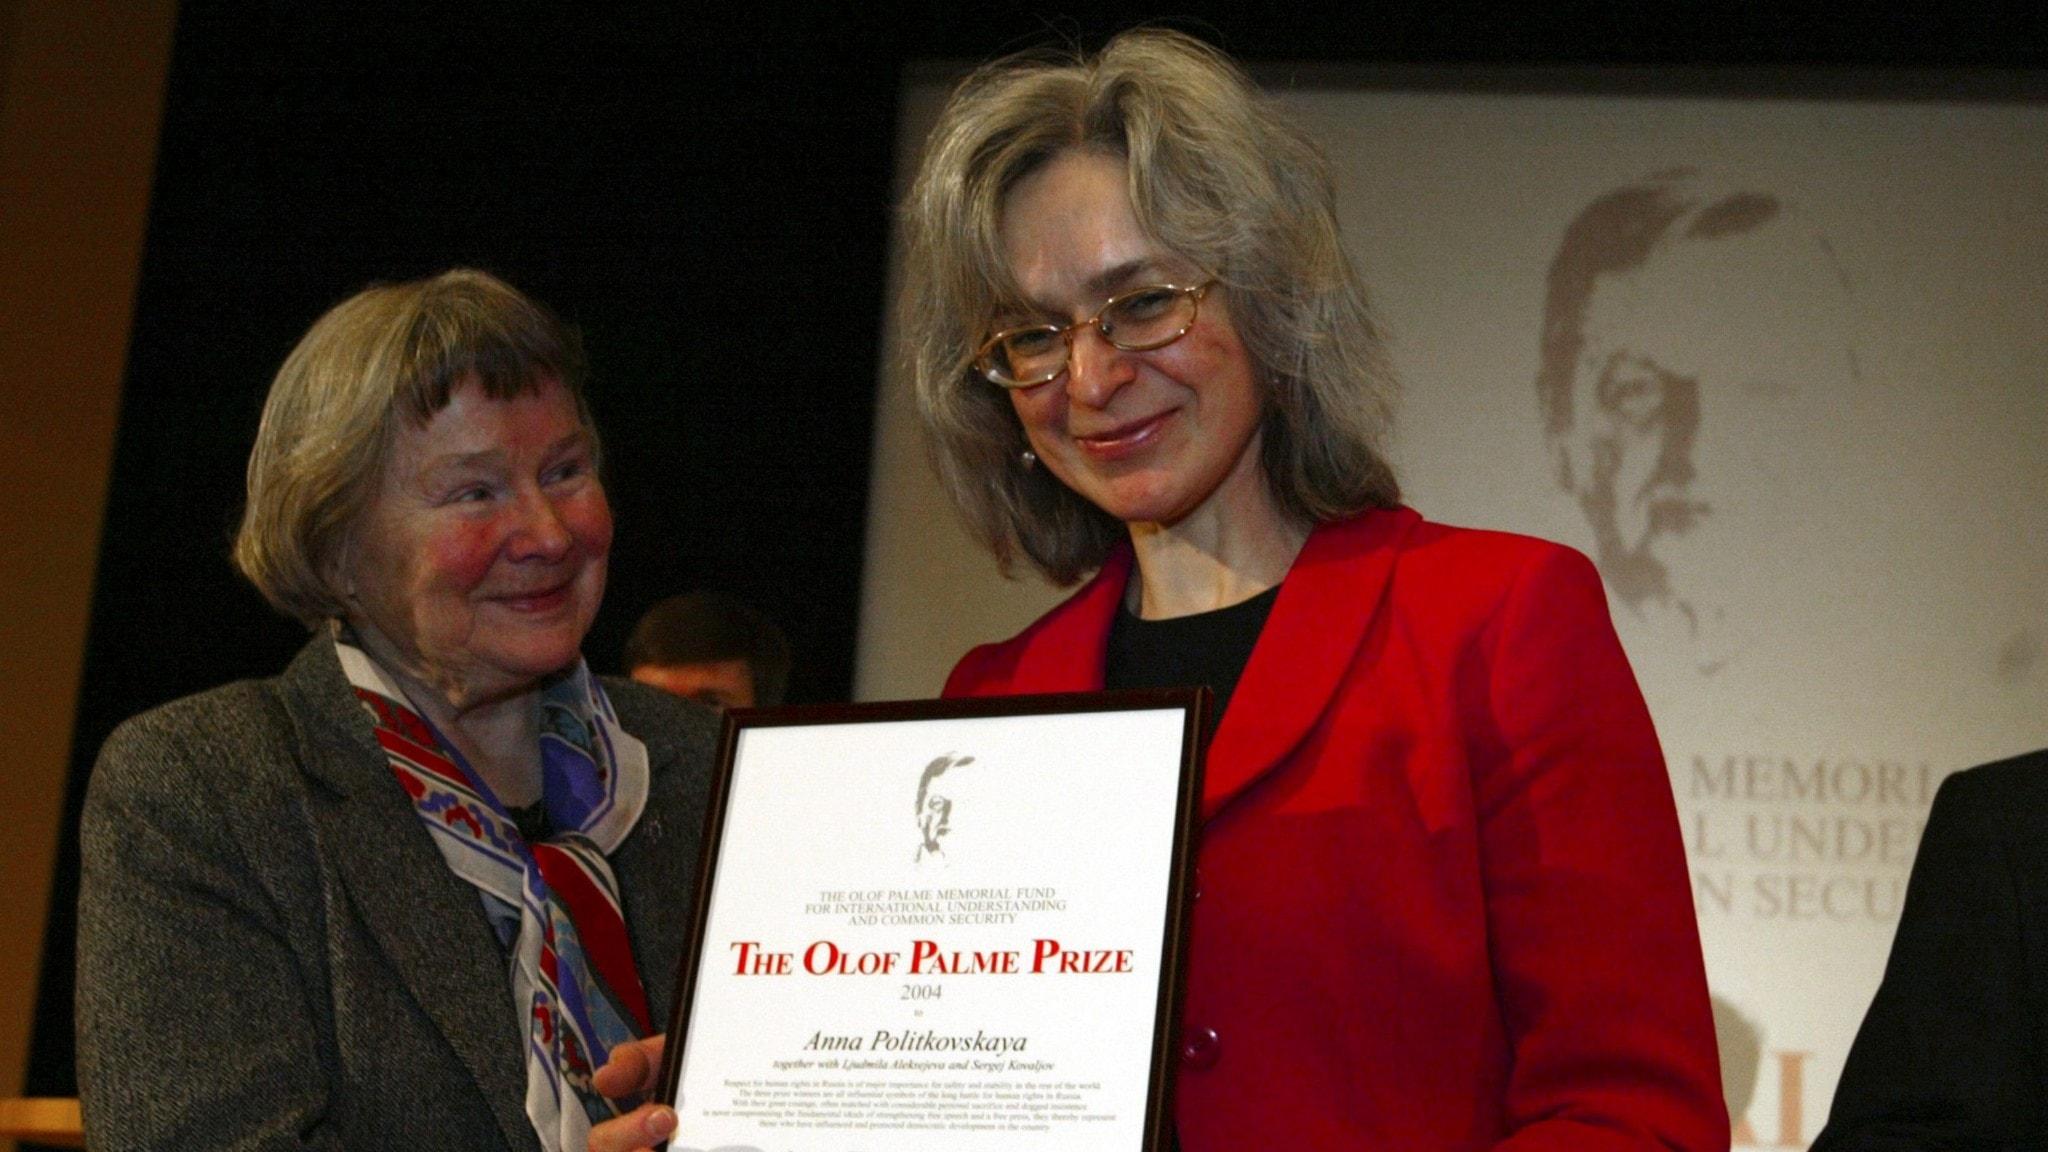 Den mördade ryska journalisten Anna Politkovskaja tar emot Palmepriset.